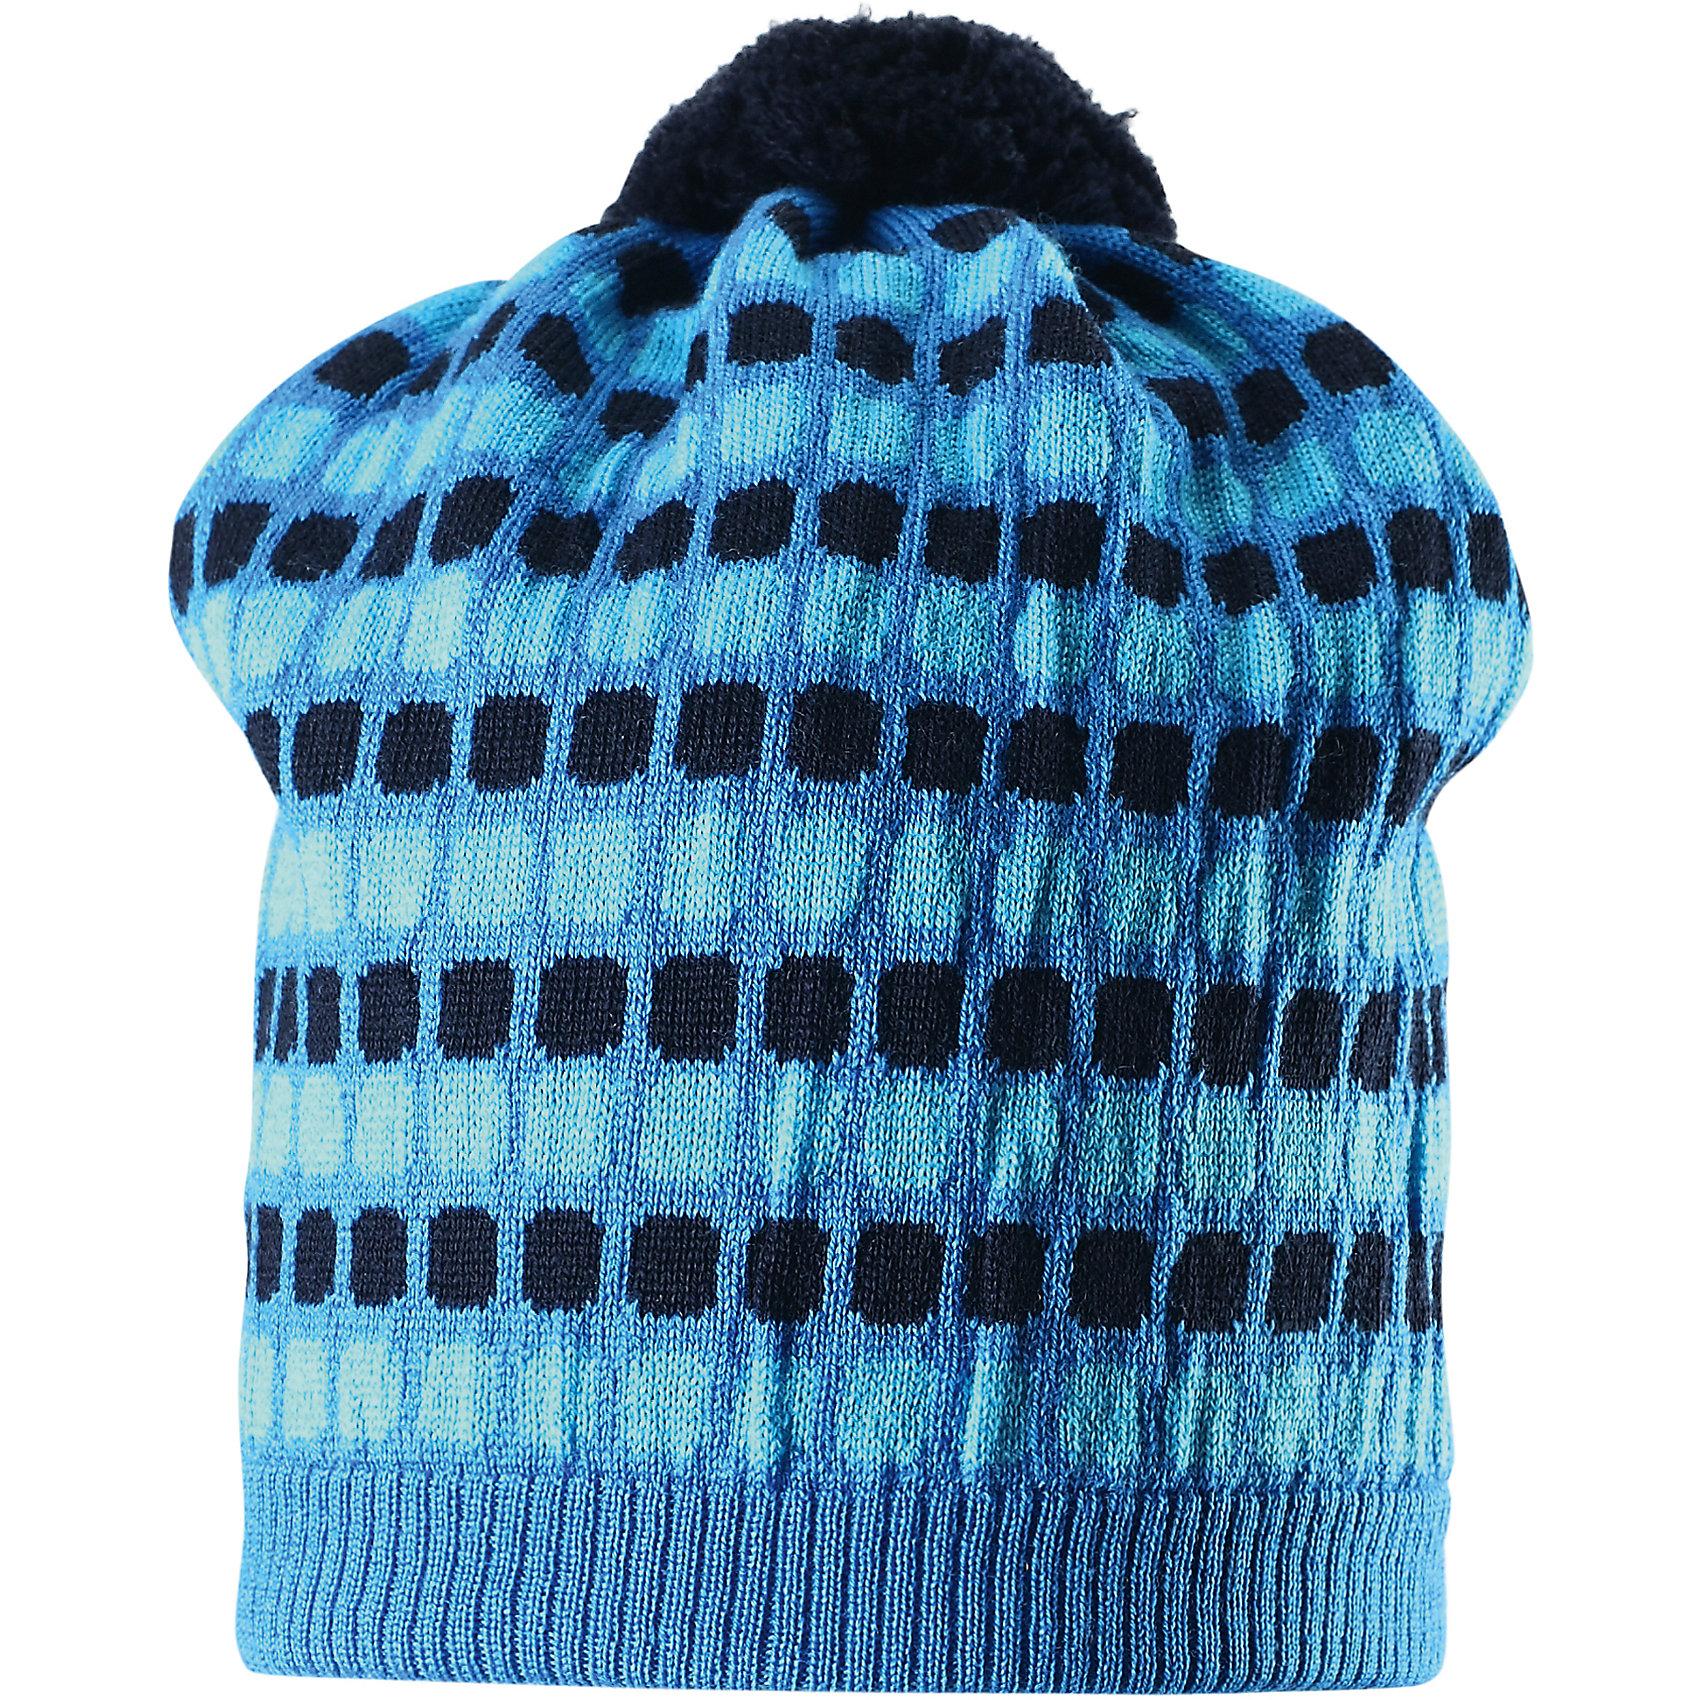 Шапка Silmukka для мальчика ReimaШапки и шарфы<br>Шапка для мальчика Reima<br>Шапка «Бини» для детей. Мягкая ткань из мериносовой шерсти для поддержания идеальной температуры тела. Мягкий, теплый и приятный на ощупь трикотаж. Товар сертифицирован Oeko-Tex, класс 2, нательное белье. Ветронепроницаемые вставки в области ушей. Сплошная подкладка: хлопчатобумажная ткань. Жаккардовый вязаный узор по всей поверхности. Веселые цветовые сочетания. Помпон сверху. Светоотражающий элемент сбоку.<br>Уход:<br>Стирать по отдельности, вывернув наизнанку. Придать первоначальную форму вo влажном виде. Возможна усадка 5 %.<br>Состав:<br>100% Шерсть<br><br>Ширина мм: 89<br>Глубина мм: 117<br>Высота мм: 44<br>Вес г: 155<br>Цвет: голубой<br>Возраст от месяцев: 48<br>Возраст до месяцев: 84<br>Пол: Мужской<br>Возраст: Детский<br>Размер: 54,50,56,52<br>SKU: 4777602